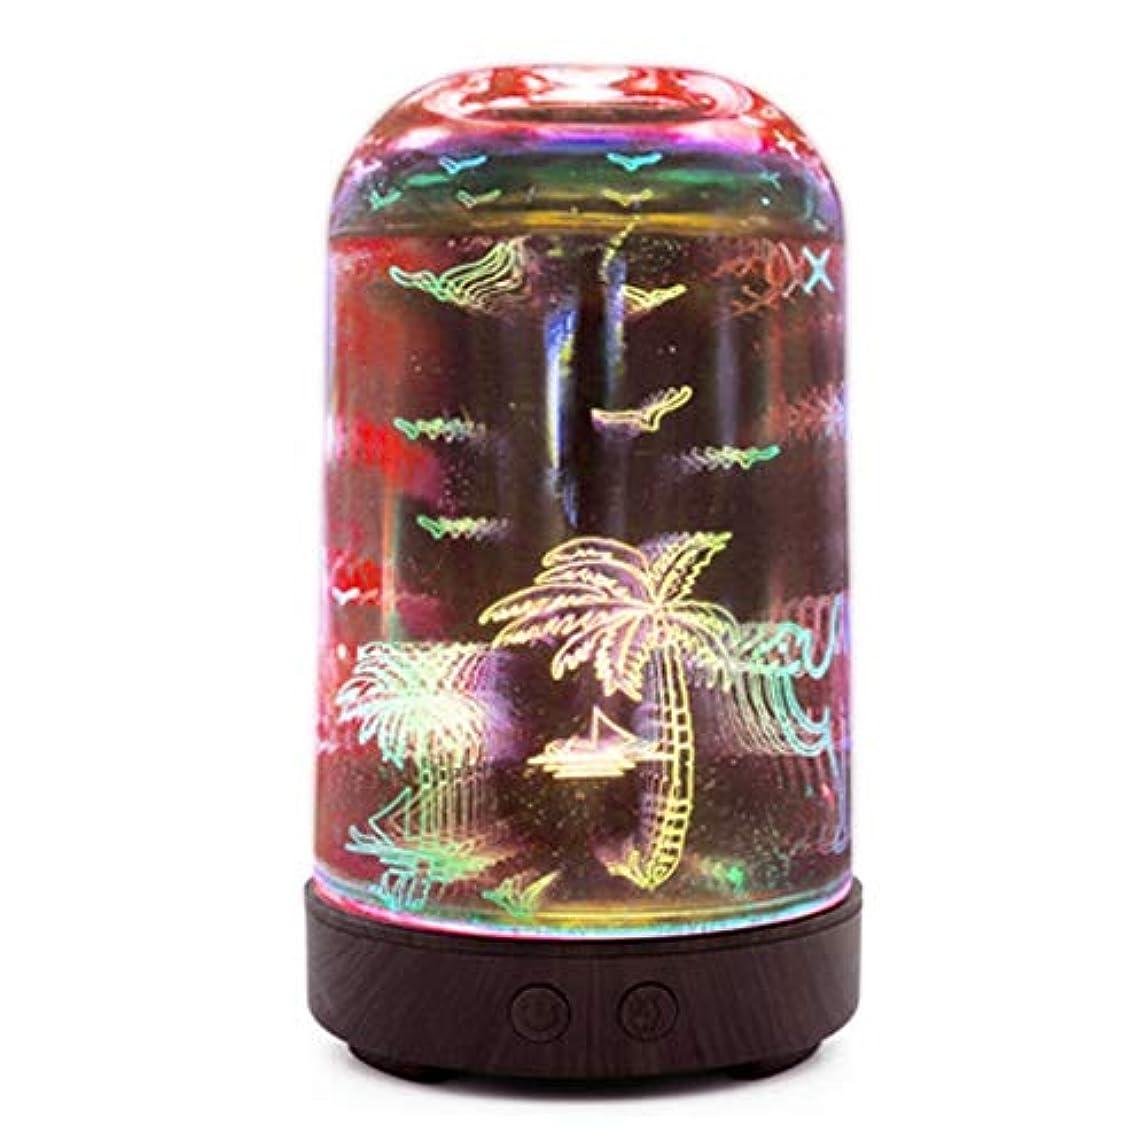 タップ謝る行すばらしいLEDライト、便利な自動操業停止および大きい水漕が付いている3Dガラス100mlギャラクシー優れた超音波加湿器 (Color : Coconut tree)